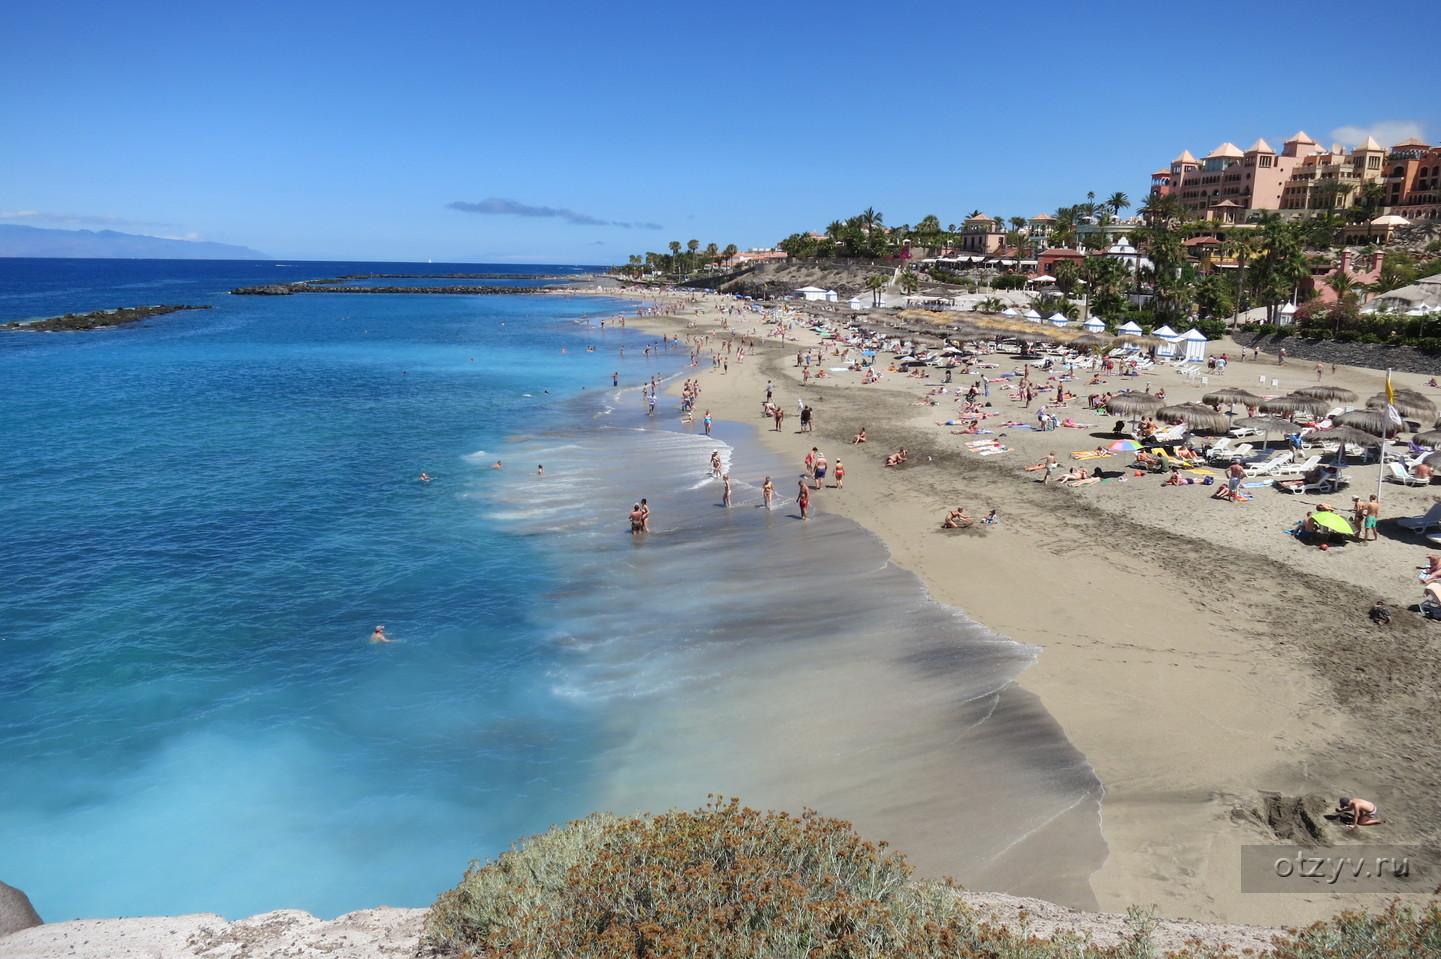 ангельскими крыльями пляж лас америкас тенерифе фото можете купить английские